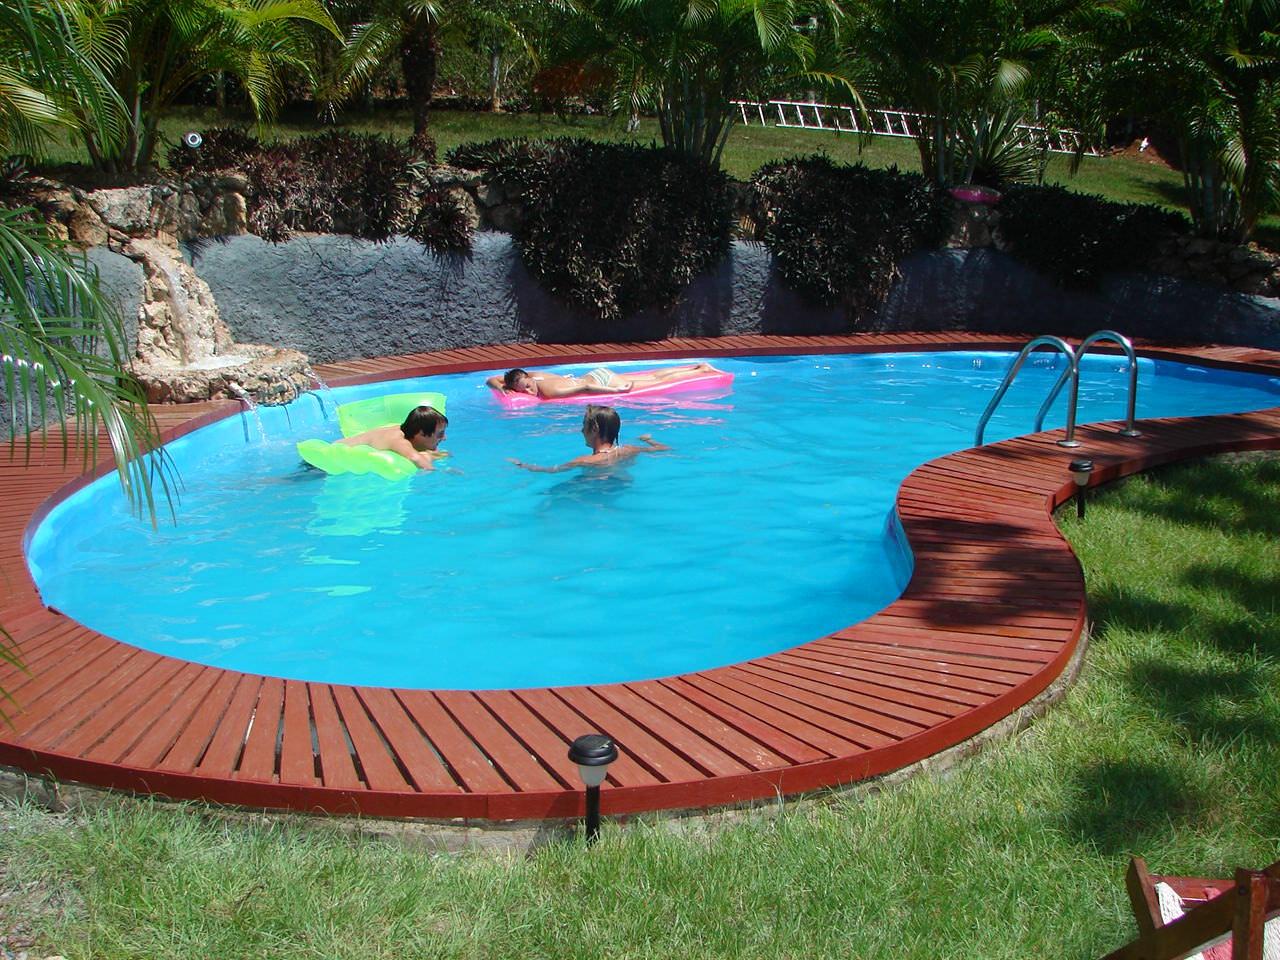 Обустройство: Дачный бассейн своими руками